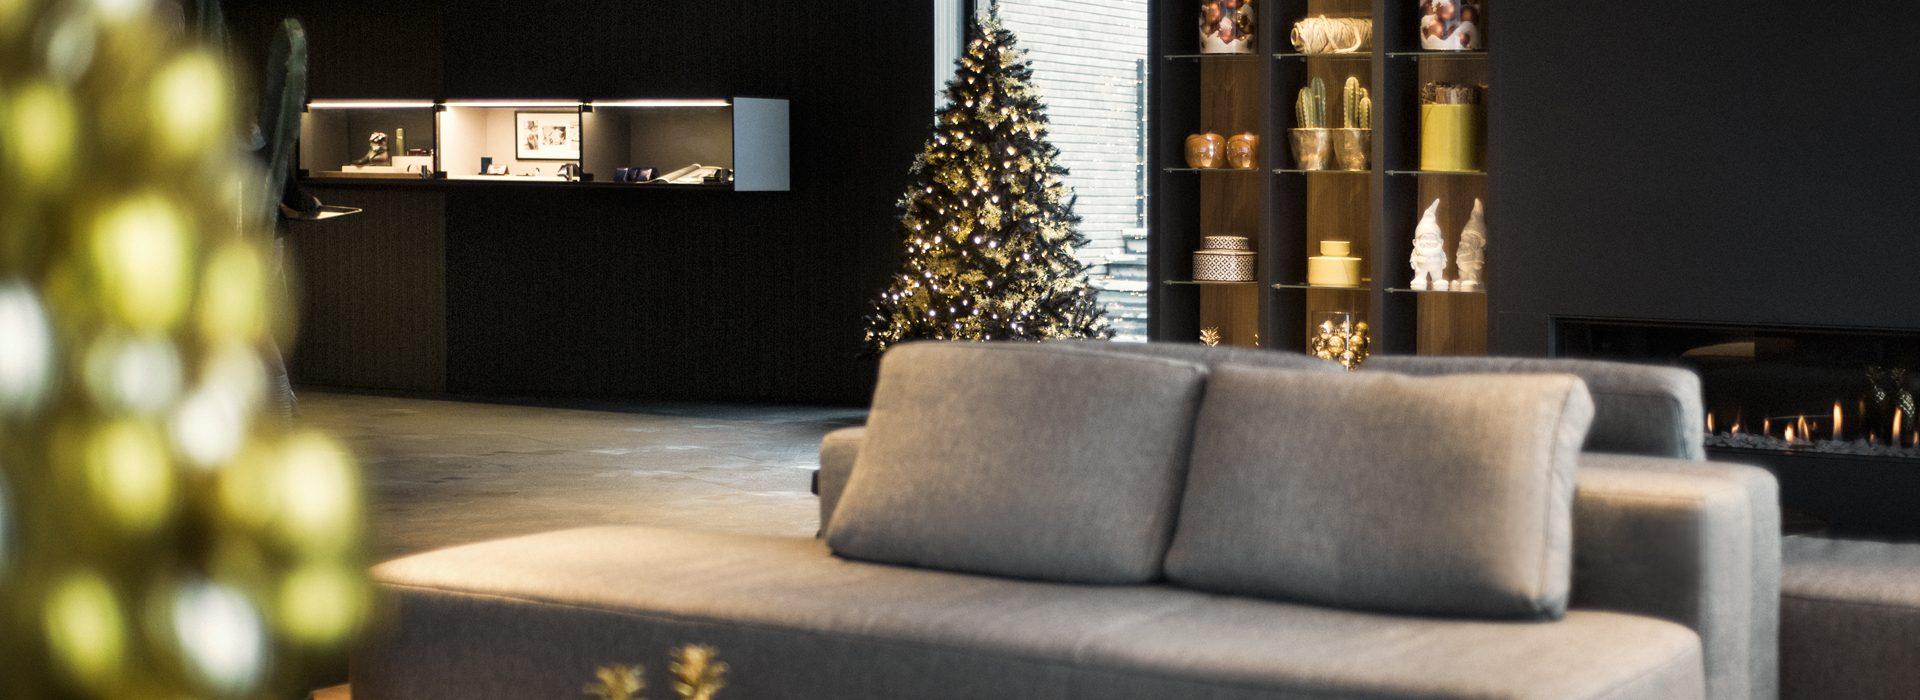 Hotelarrangement Christmas & New Year - Domaine La Butte aux Bois